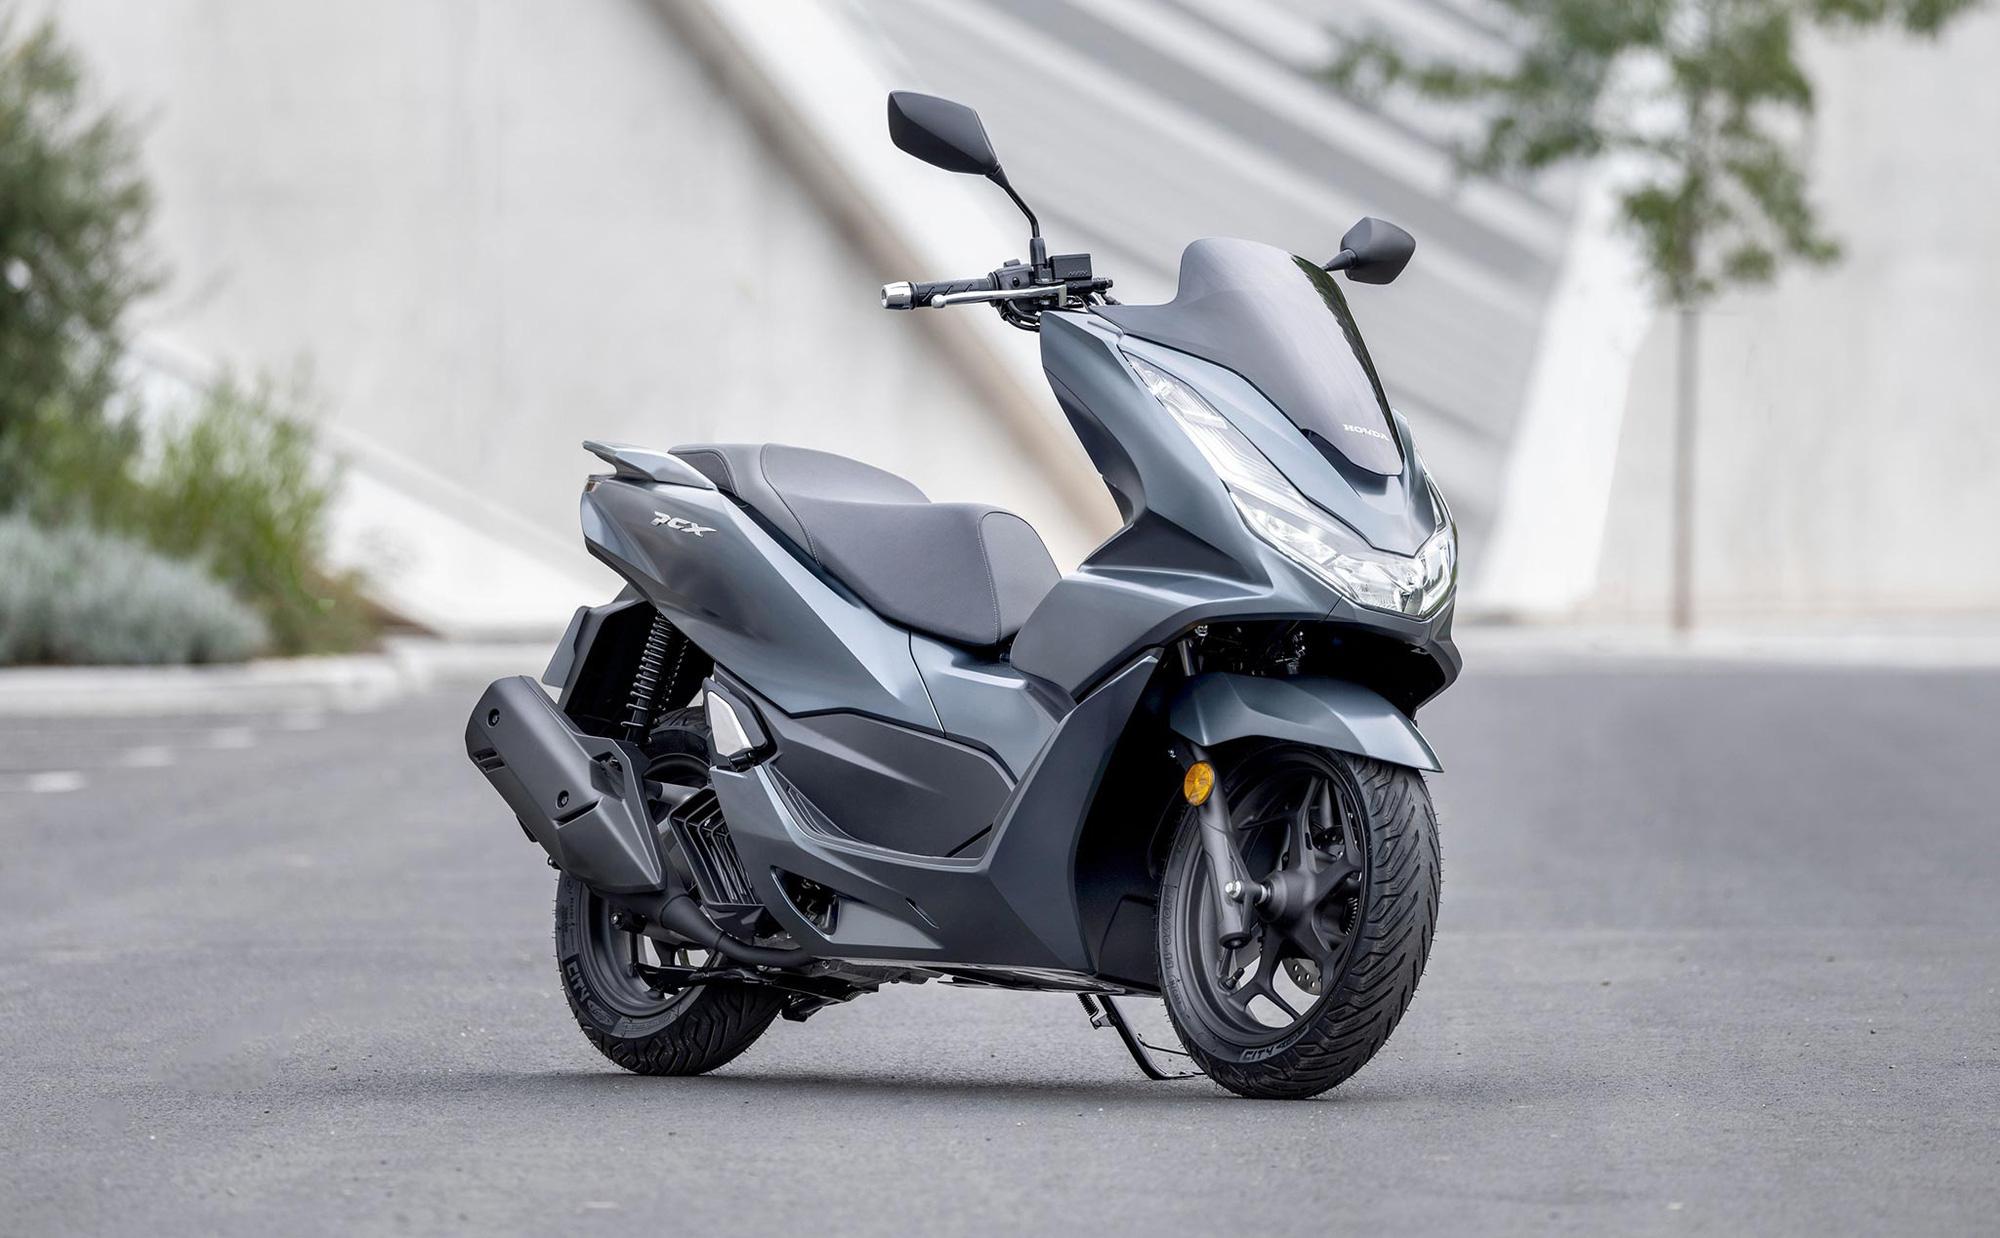 Xe tay ga Honda PCX 160 sắp được ra mắt - Ảnh 1.